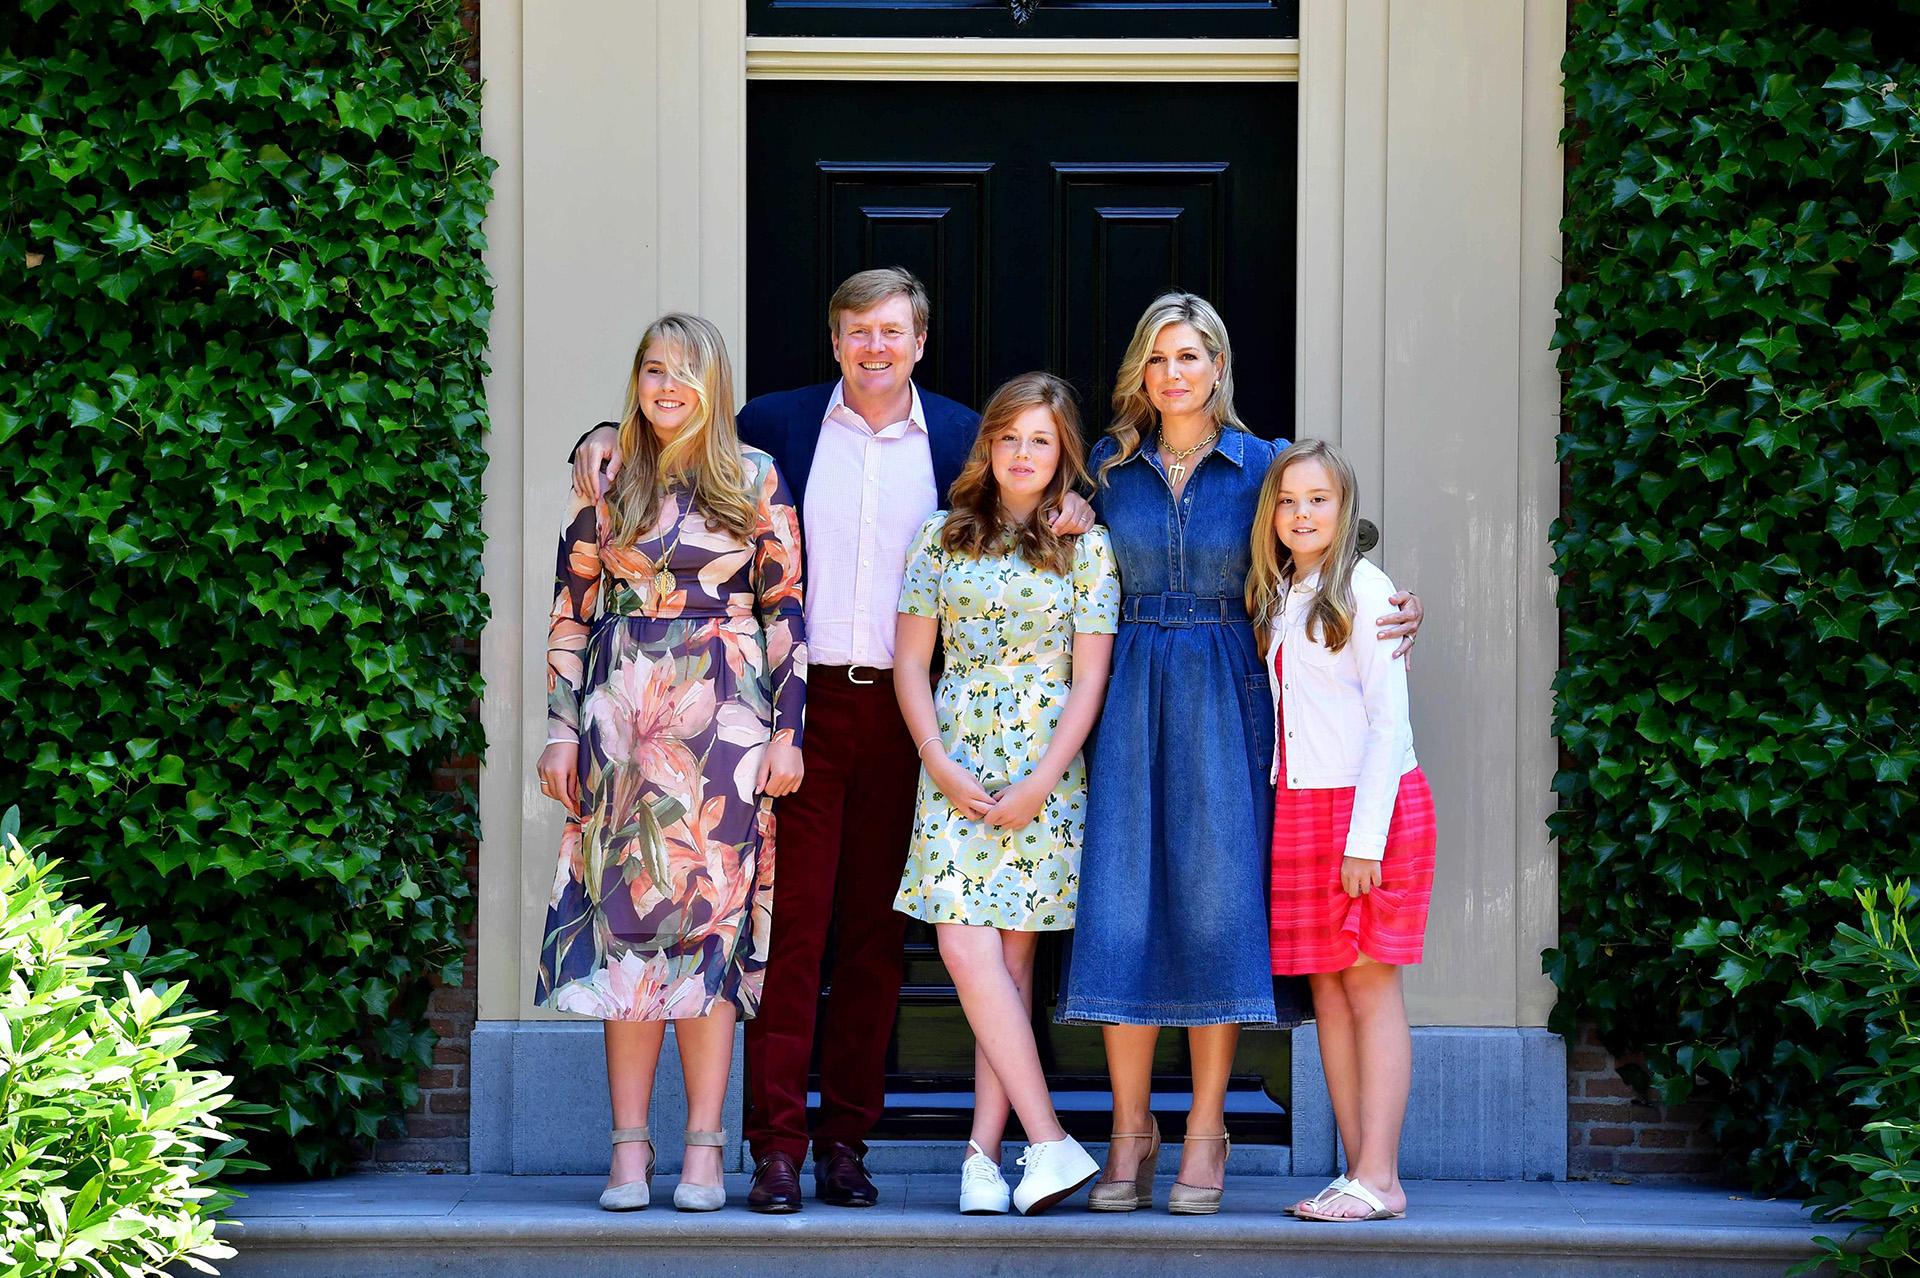 Máxima y Guillermo de Holanda junto a sus tres hijas durante el tradicional posado fotográfico, previo al inicio de su receso de verano